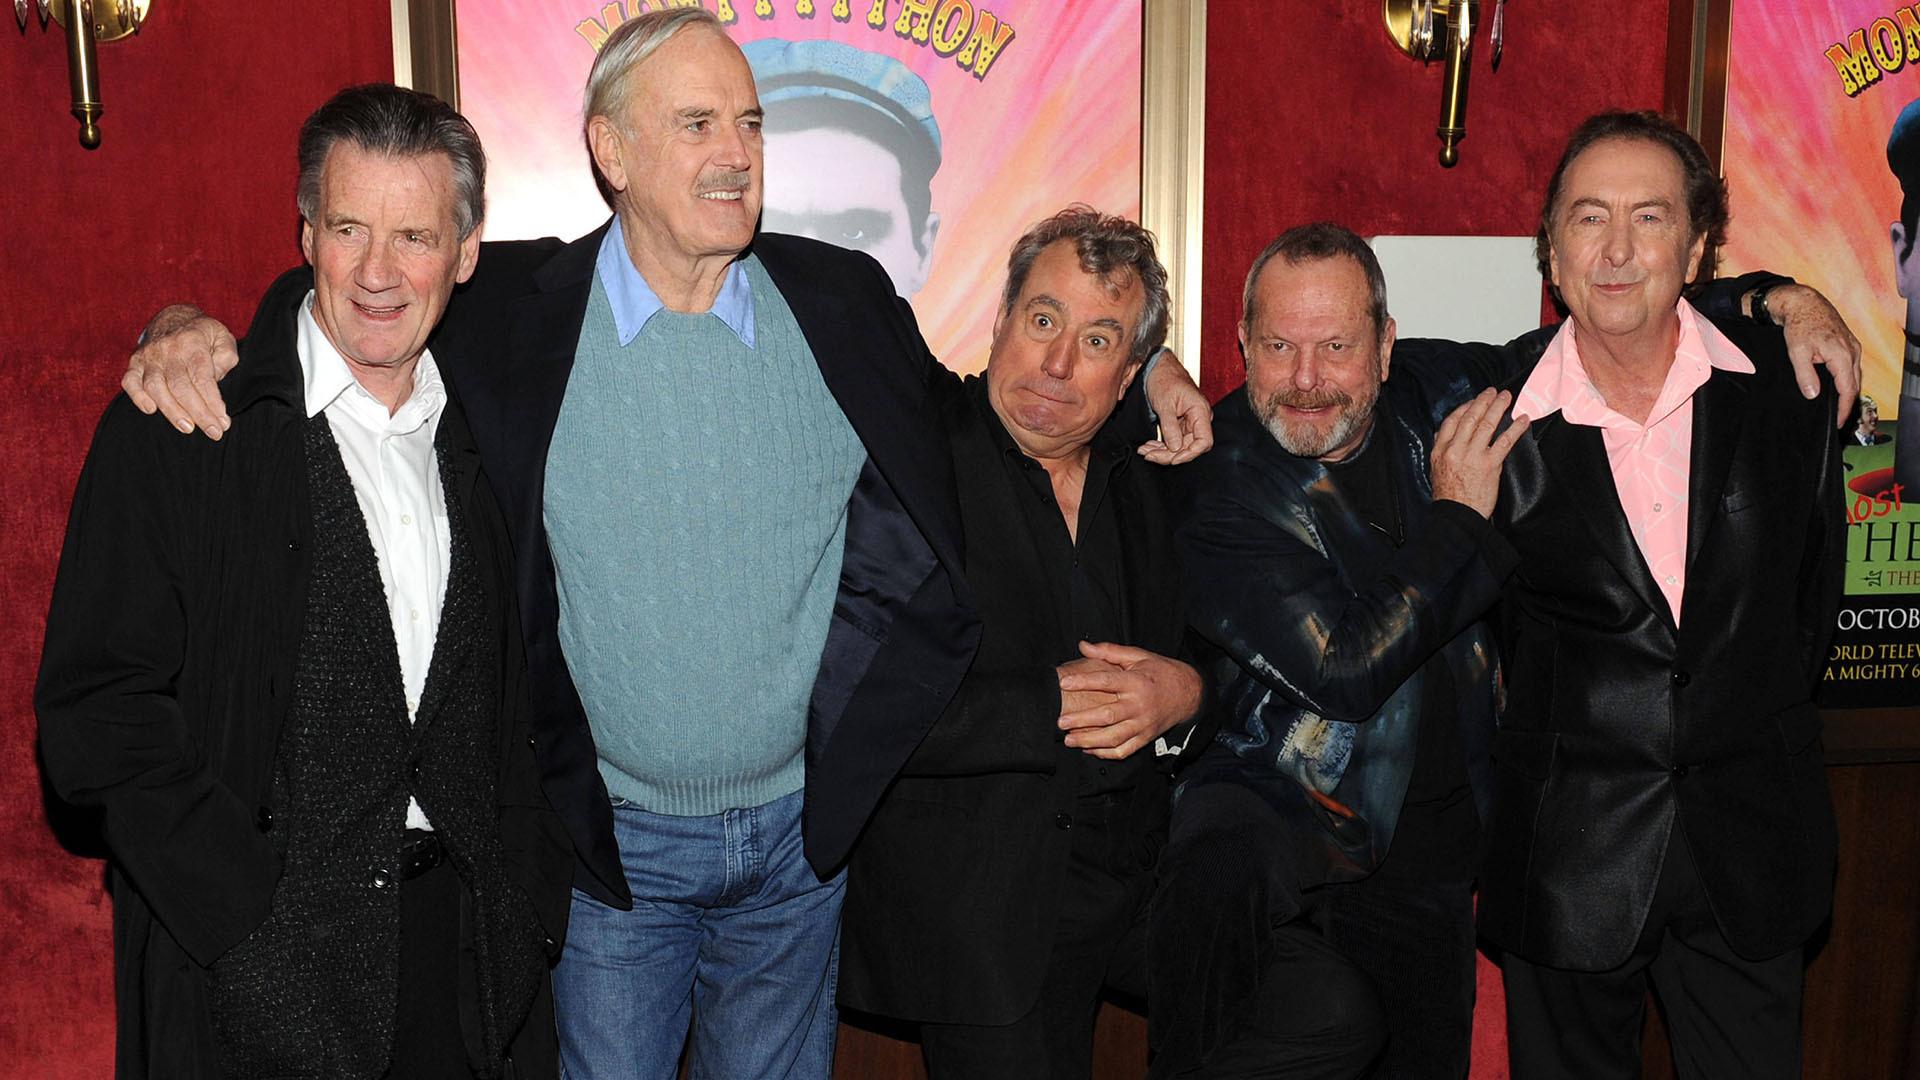 Monty Python backdrop wallpaper